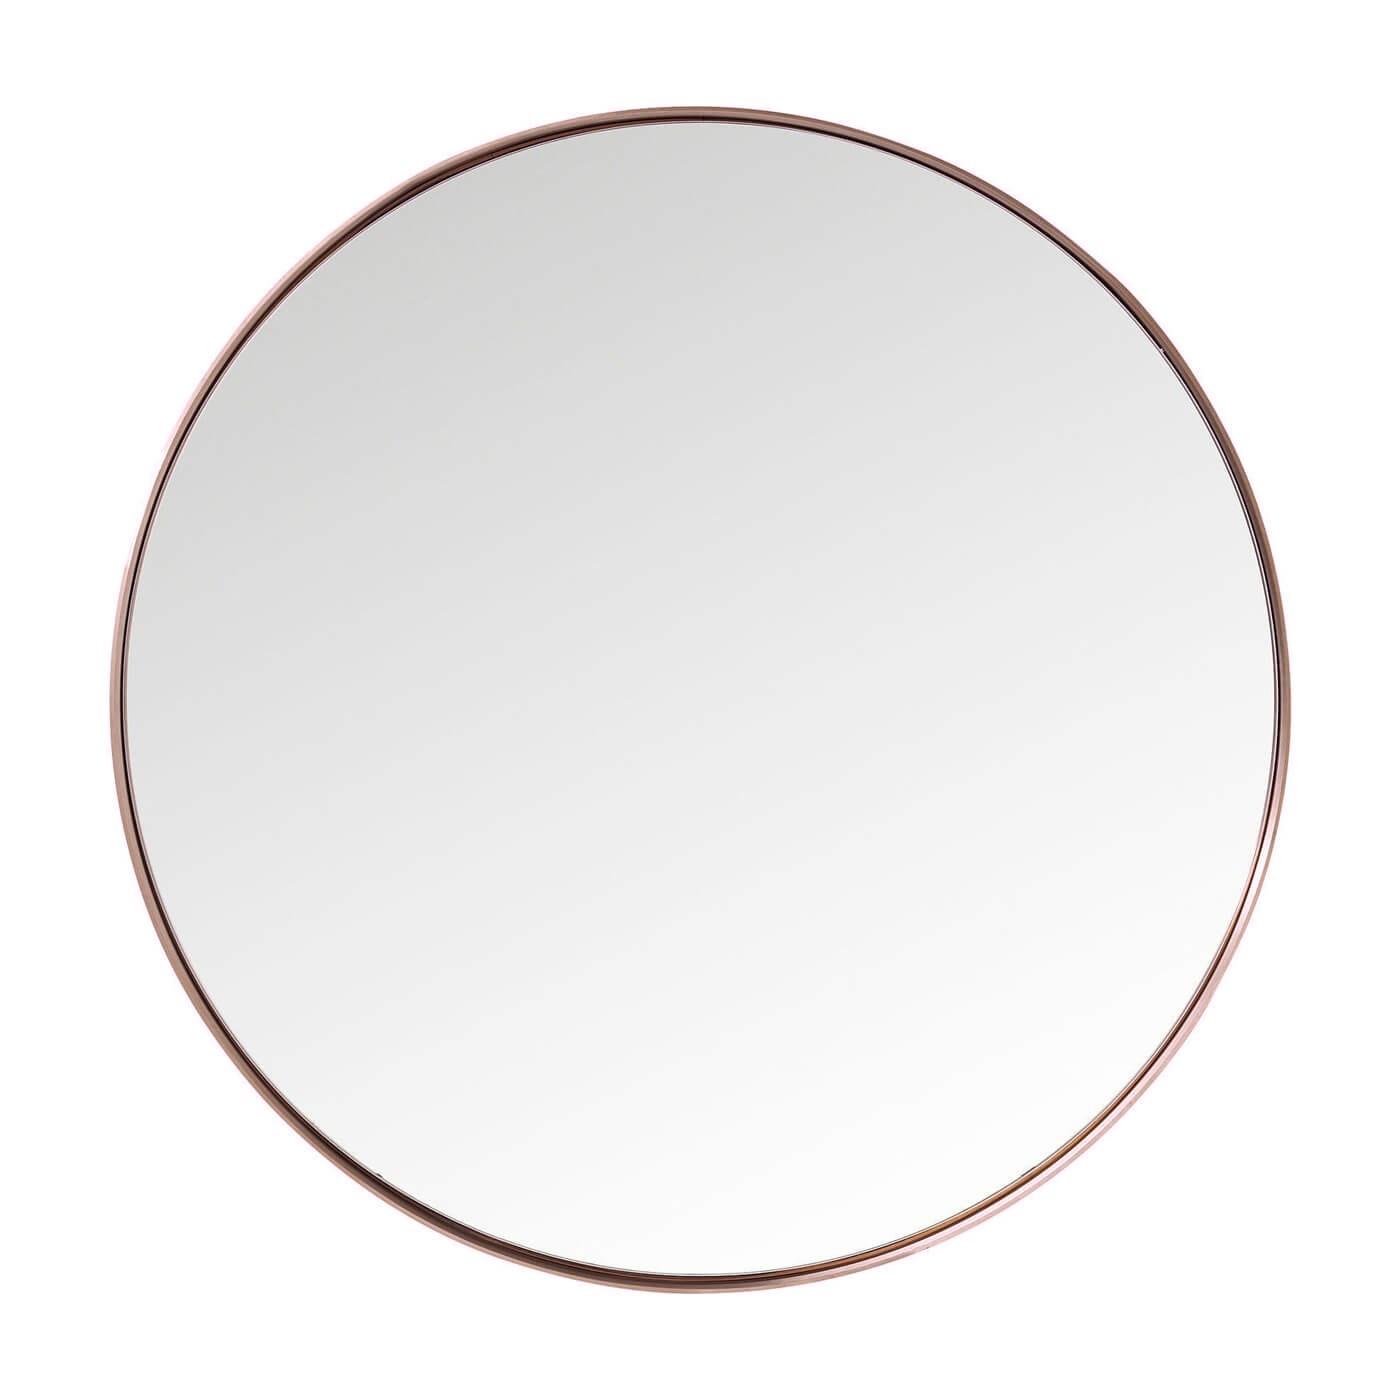 Miroir rond en métal cuivré D100